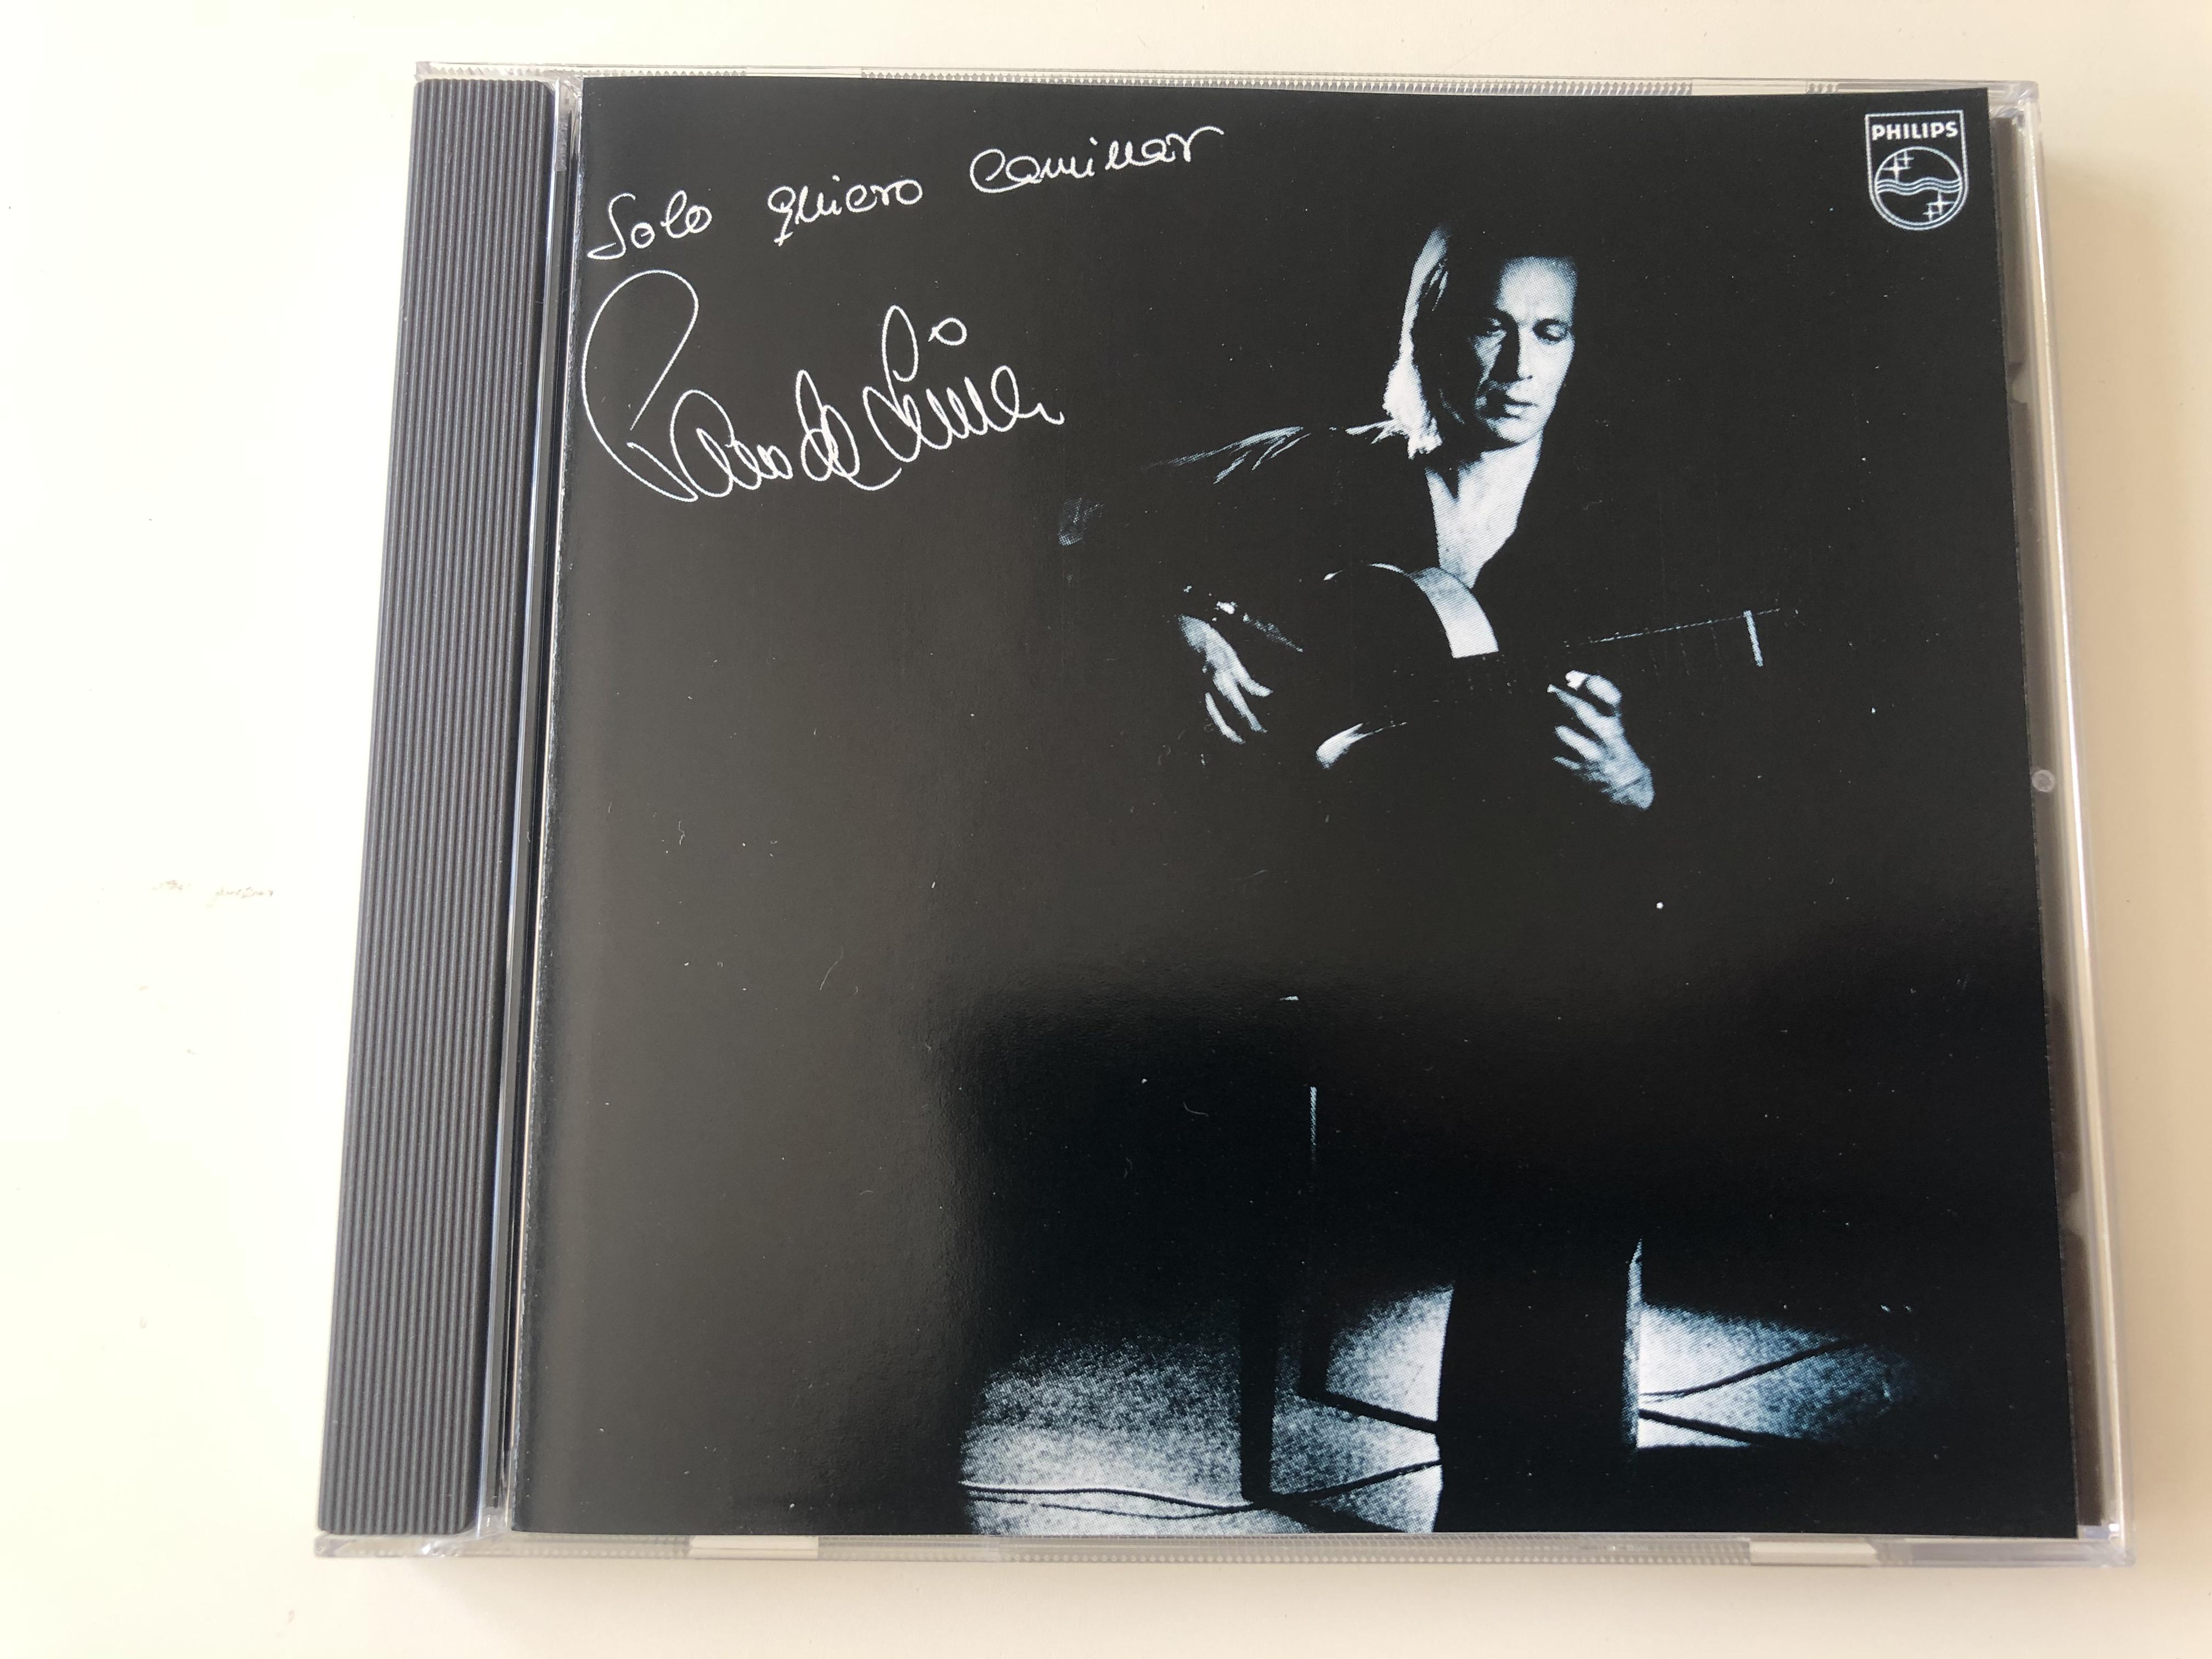 solo-quiero-caminar-paco-de-lucia-philips-audio-cd-1981-810-009-2-1-.jpg